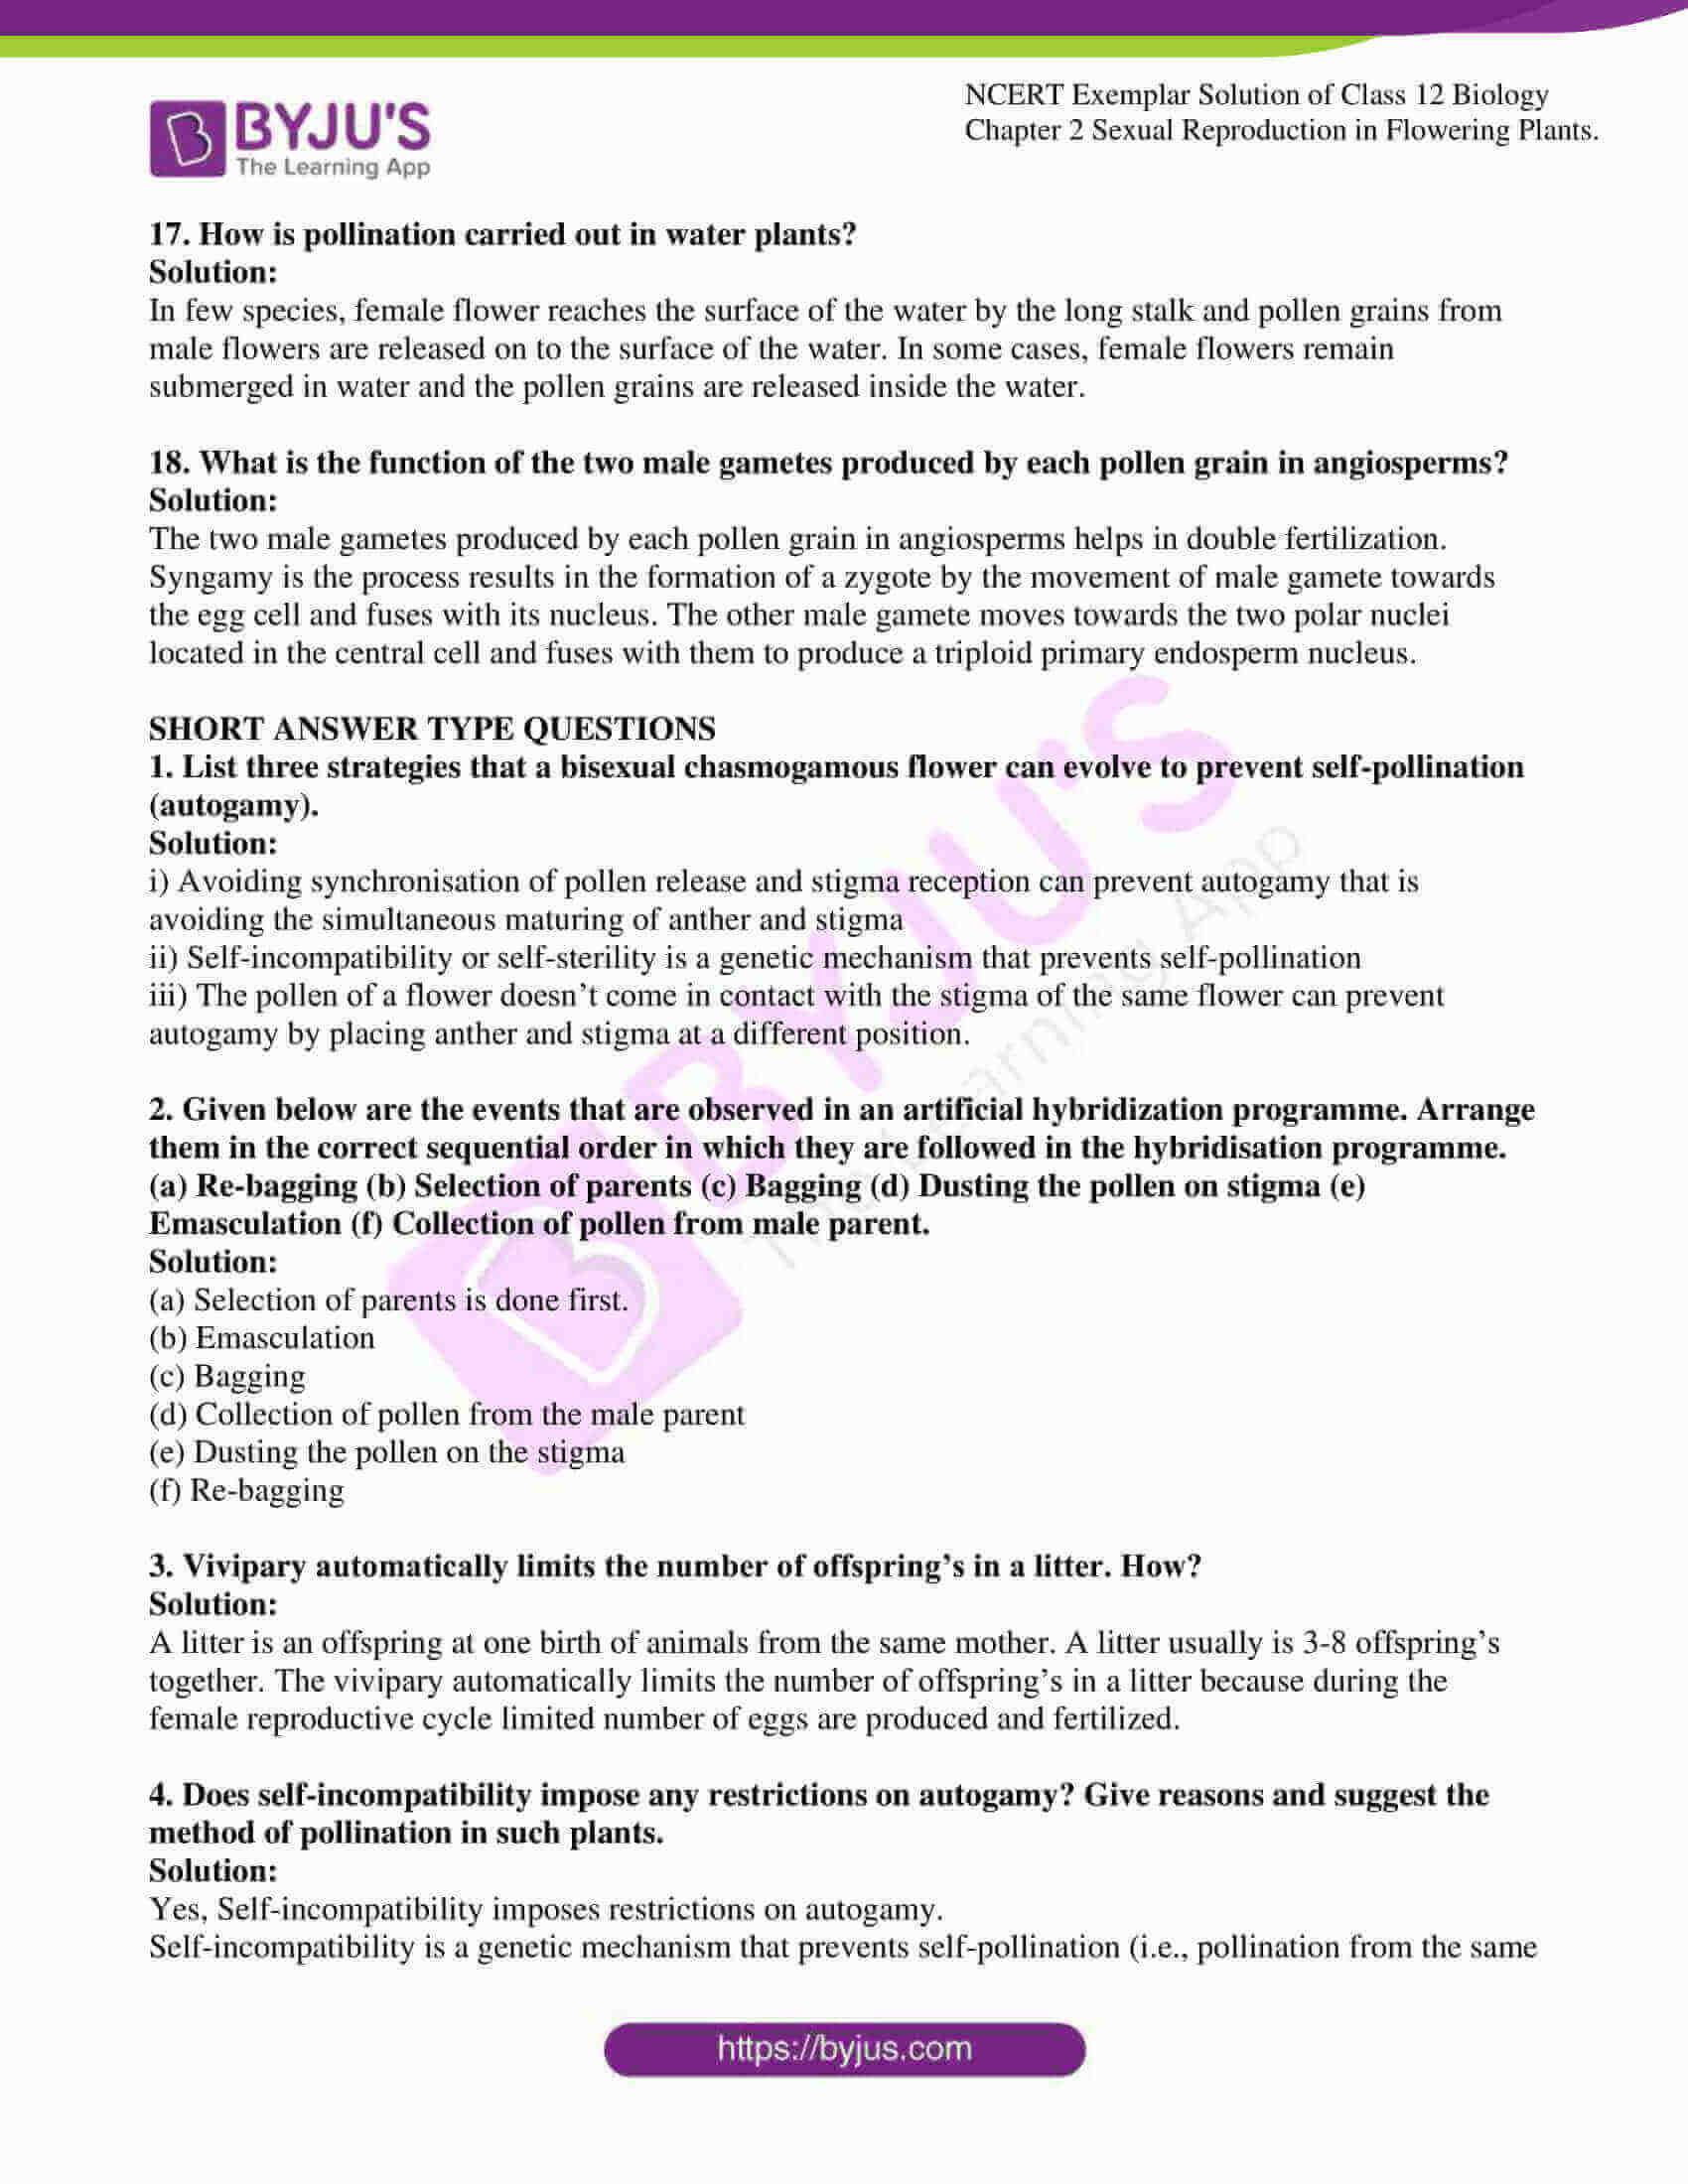 ncert exemplar solution of class 12 biology chapter 2 08